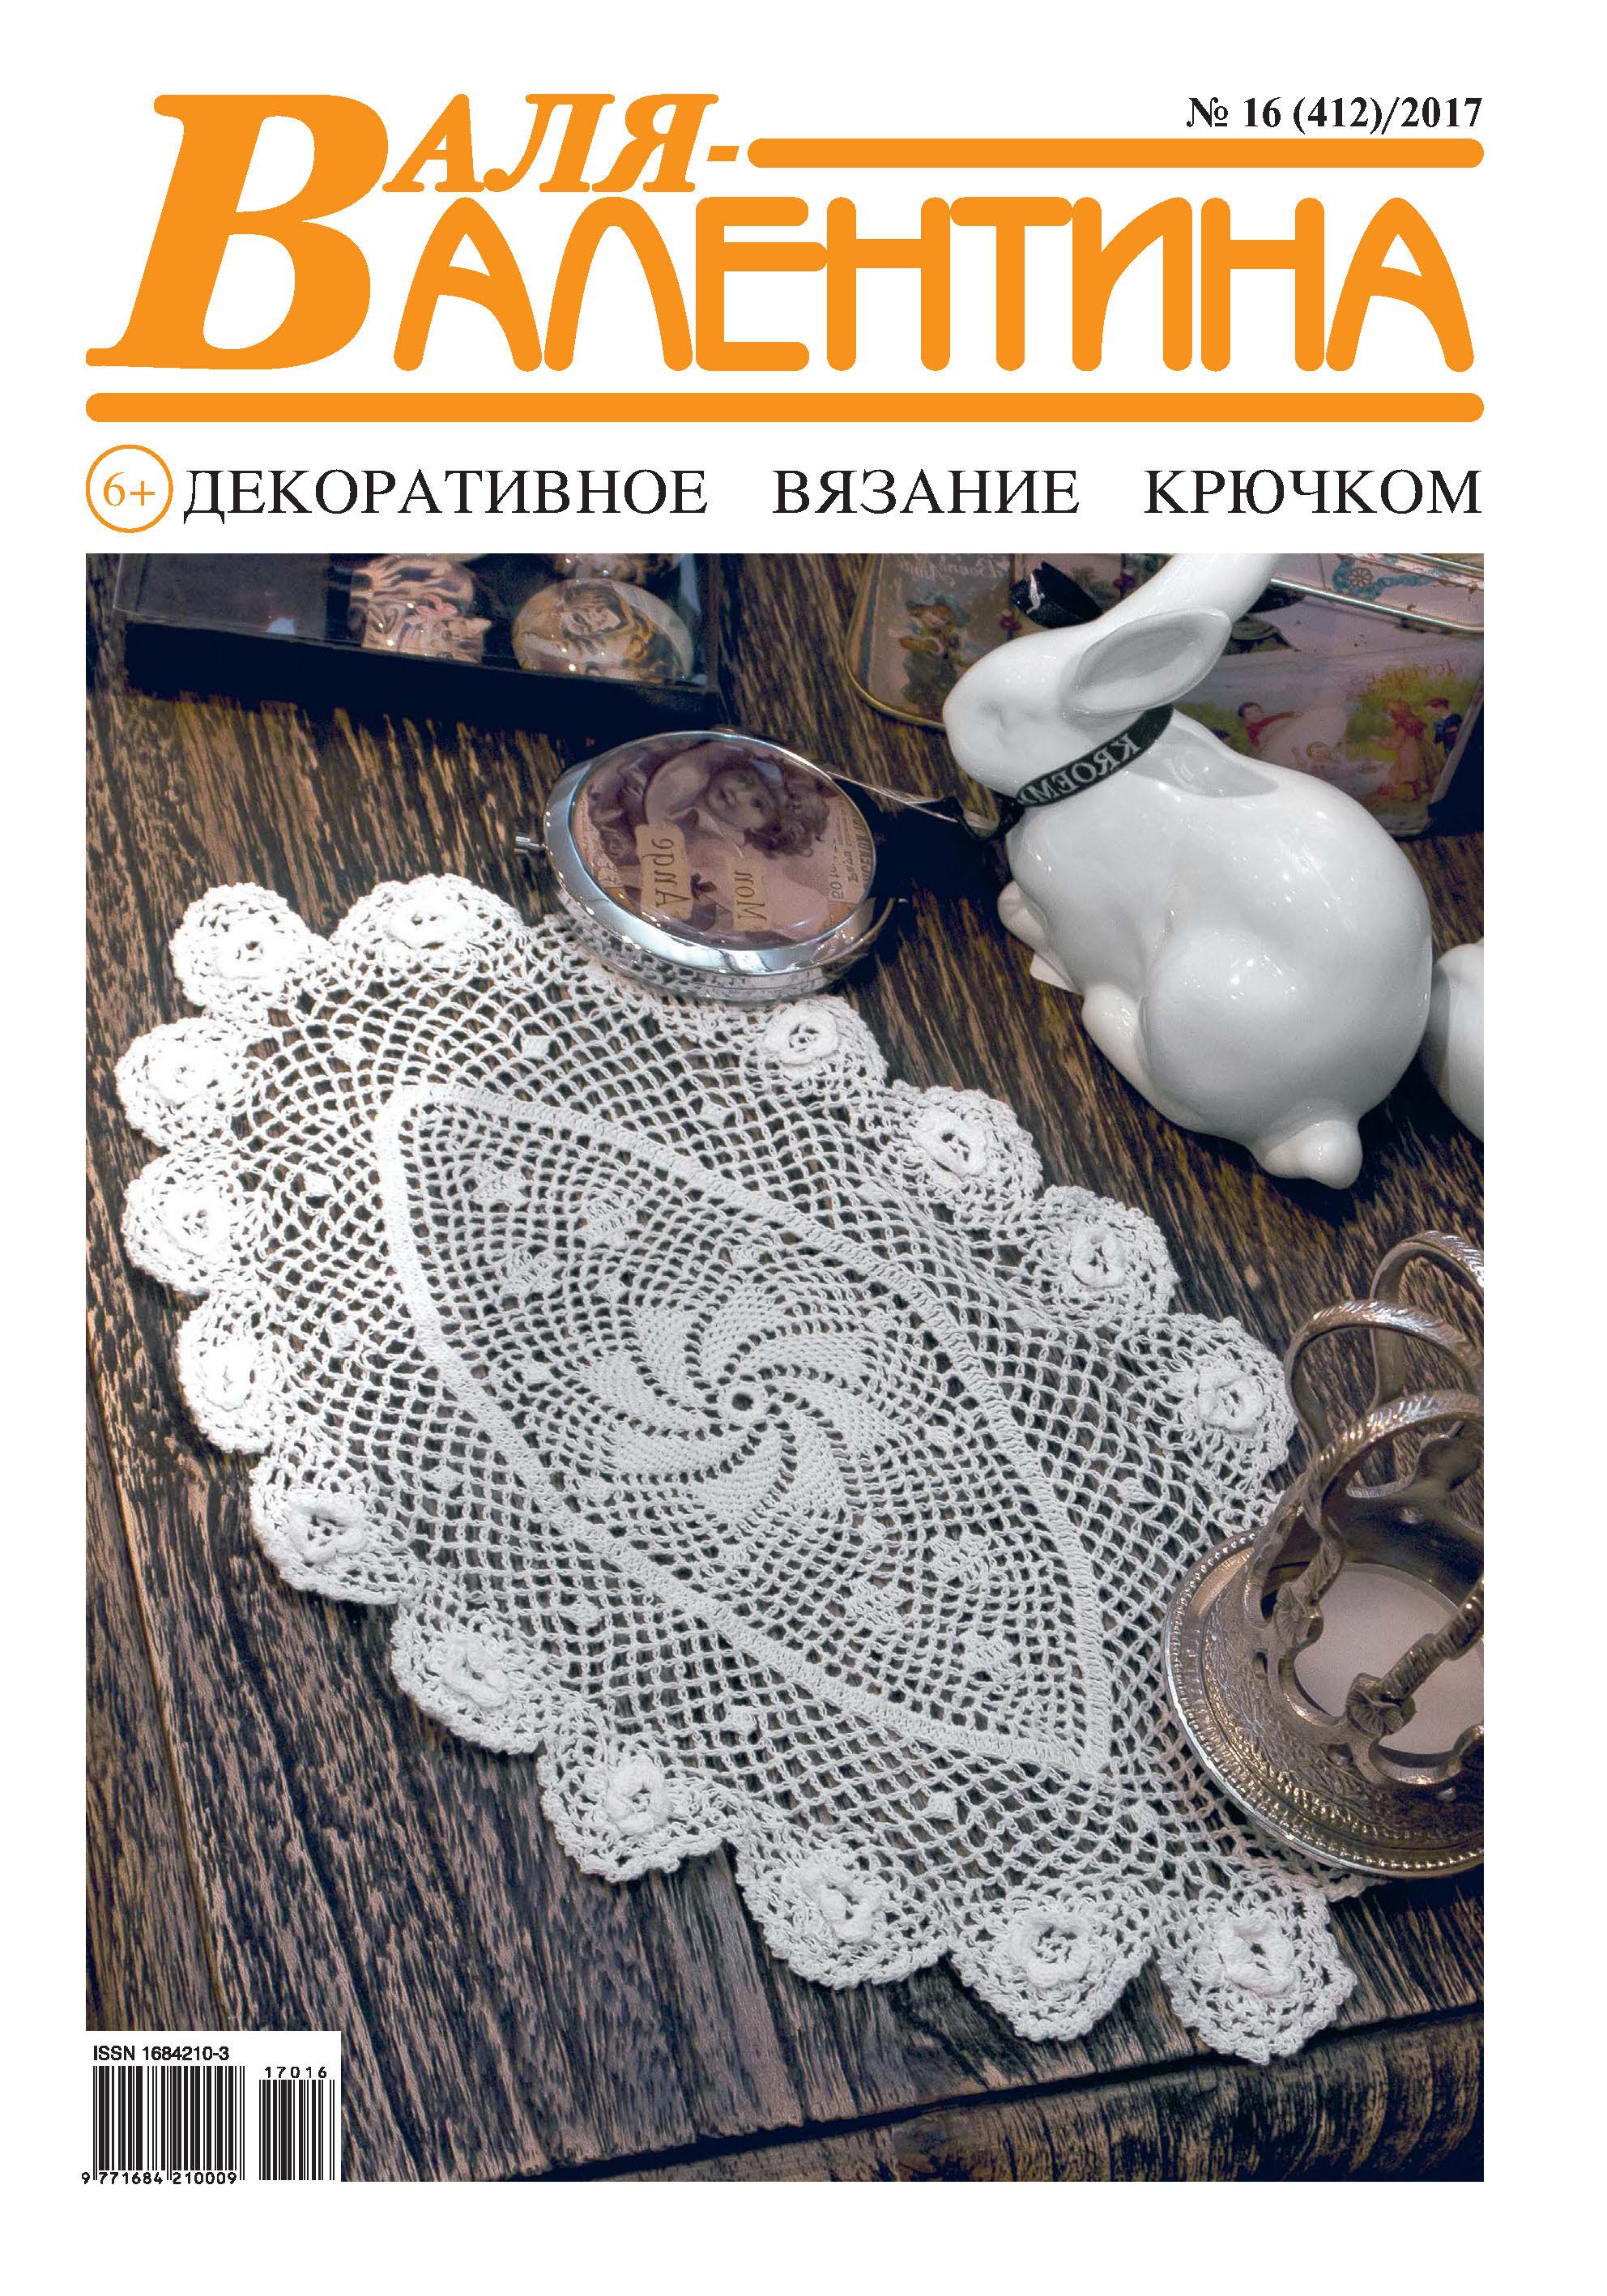 Валя-Валентина. Декоративное вязание крючком. №16/2017_Отсутствует